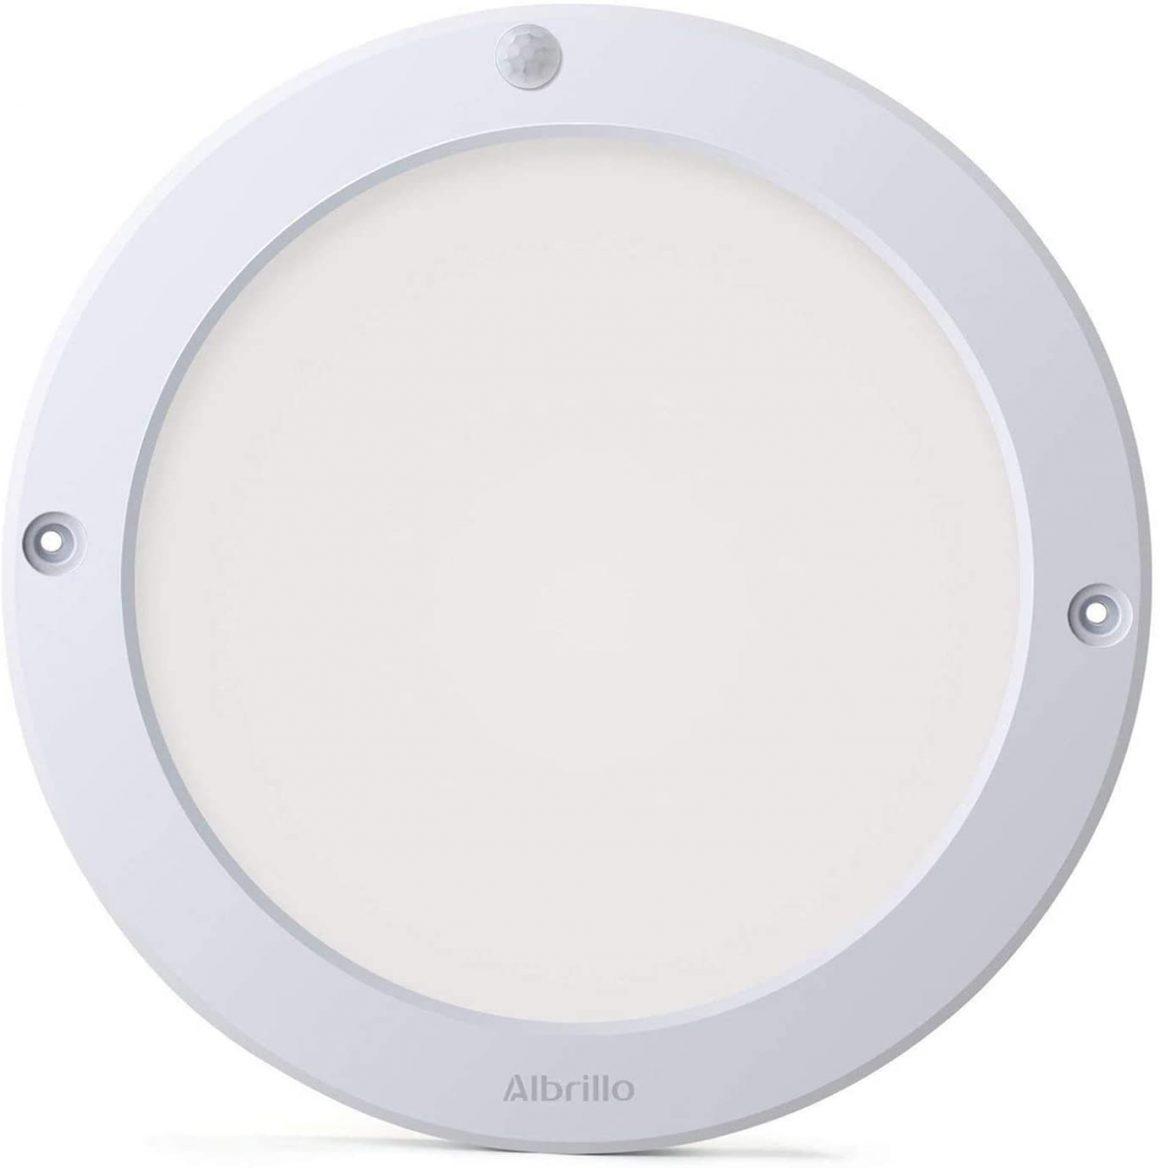 Albrillo LED Light